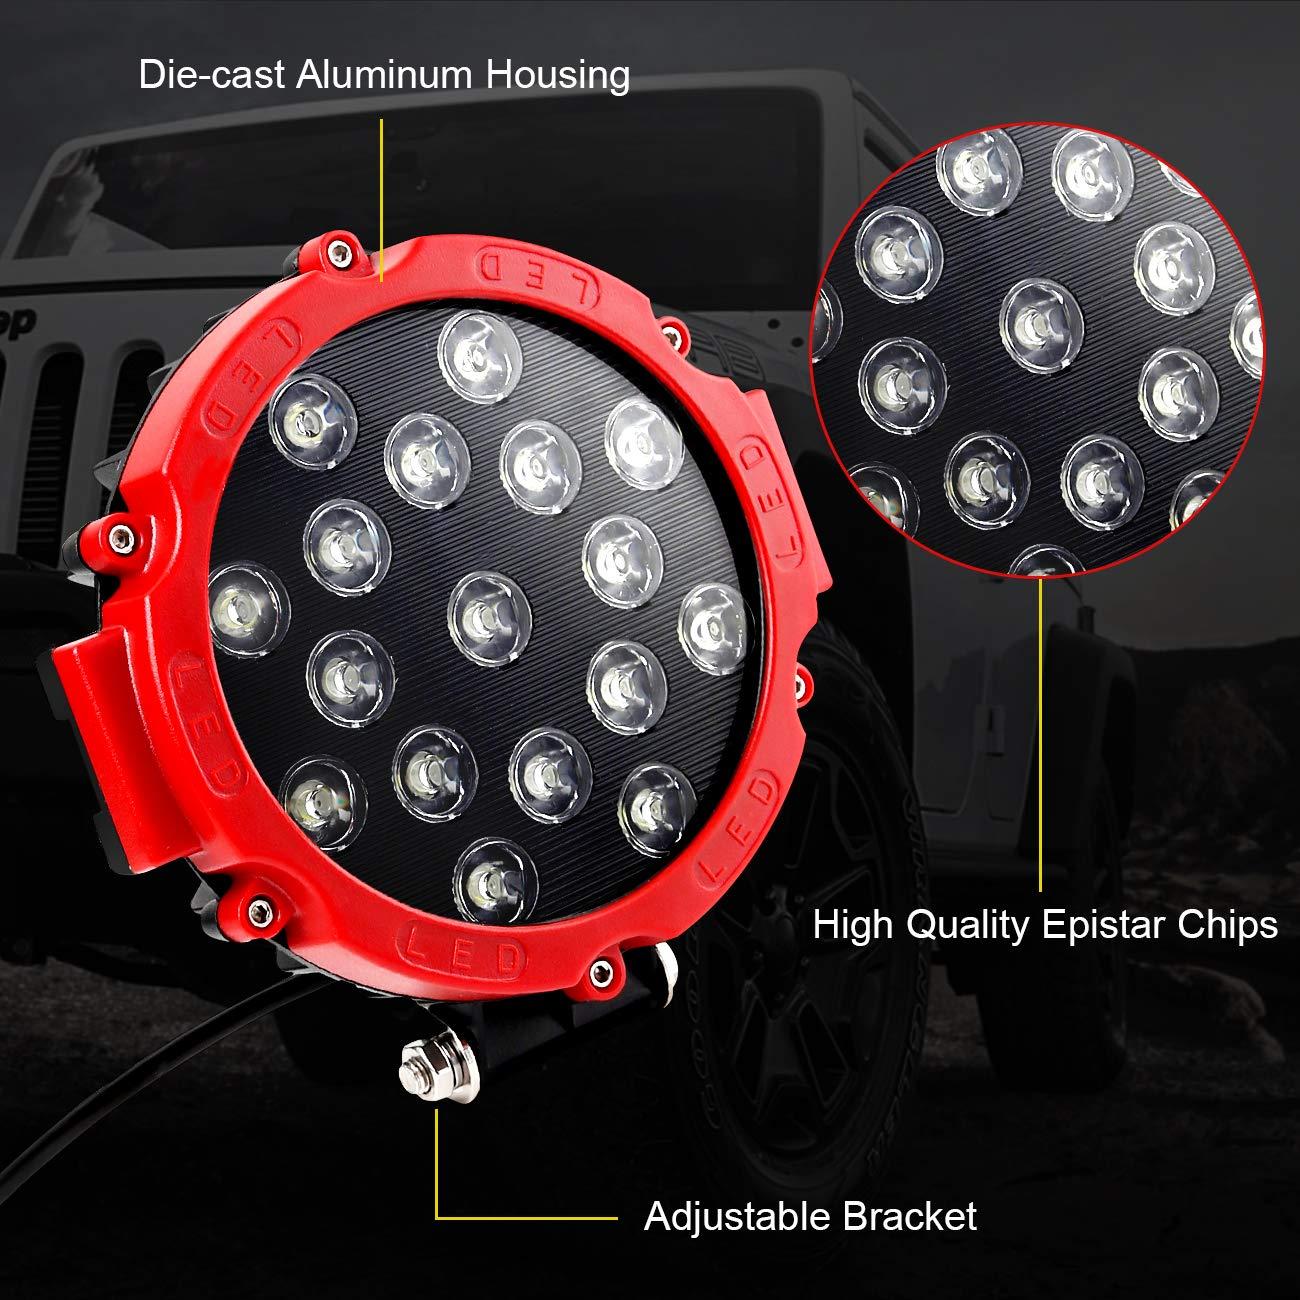 LED Light Bar 51W 7inch Driving Light LED Pods Spot Beam Fog Light Offroad Super Bright LED Work Light for Truck Jeep ATV UTV SUV Boat 2 Years Warranty by HILLSKING